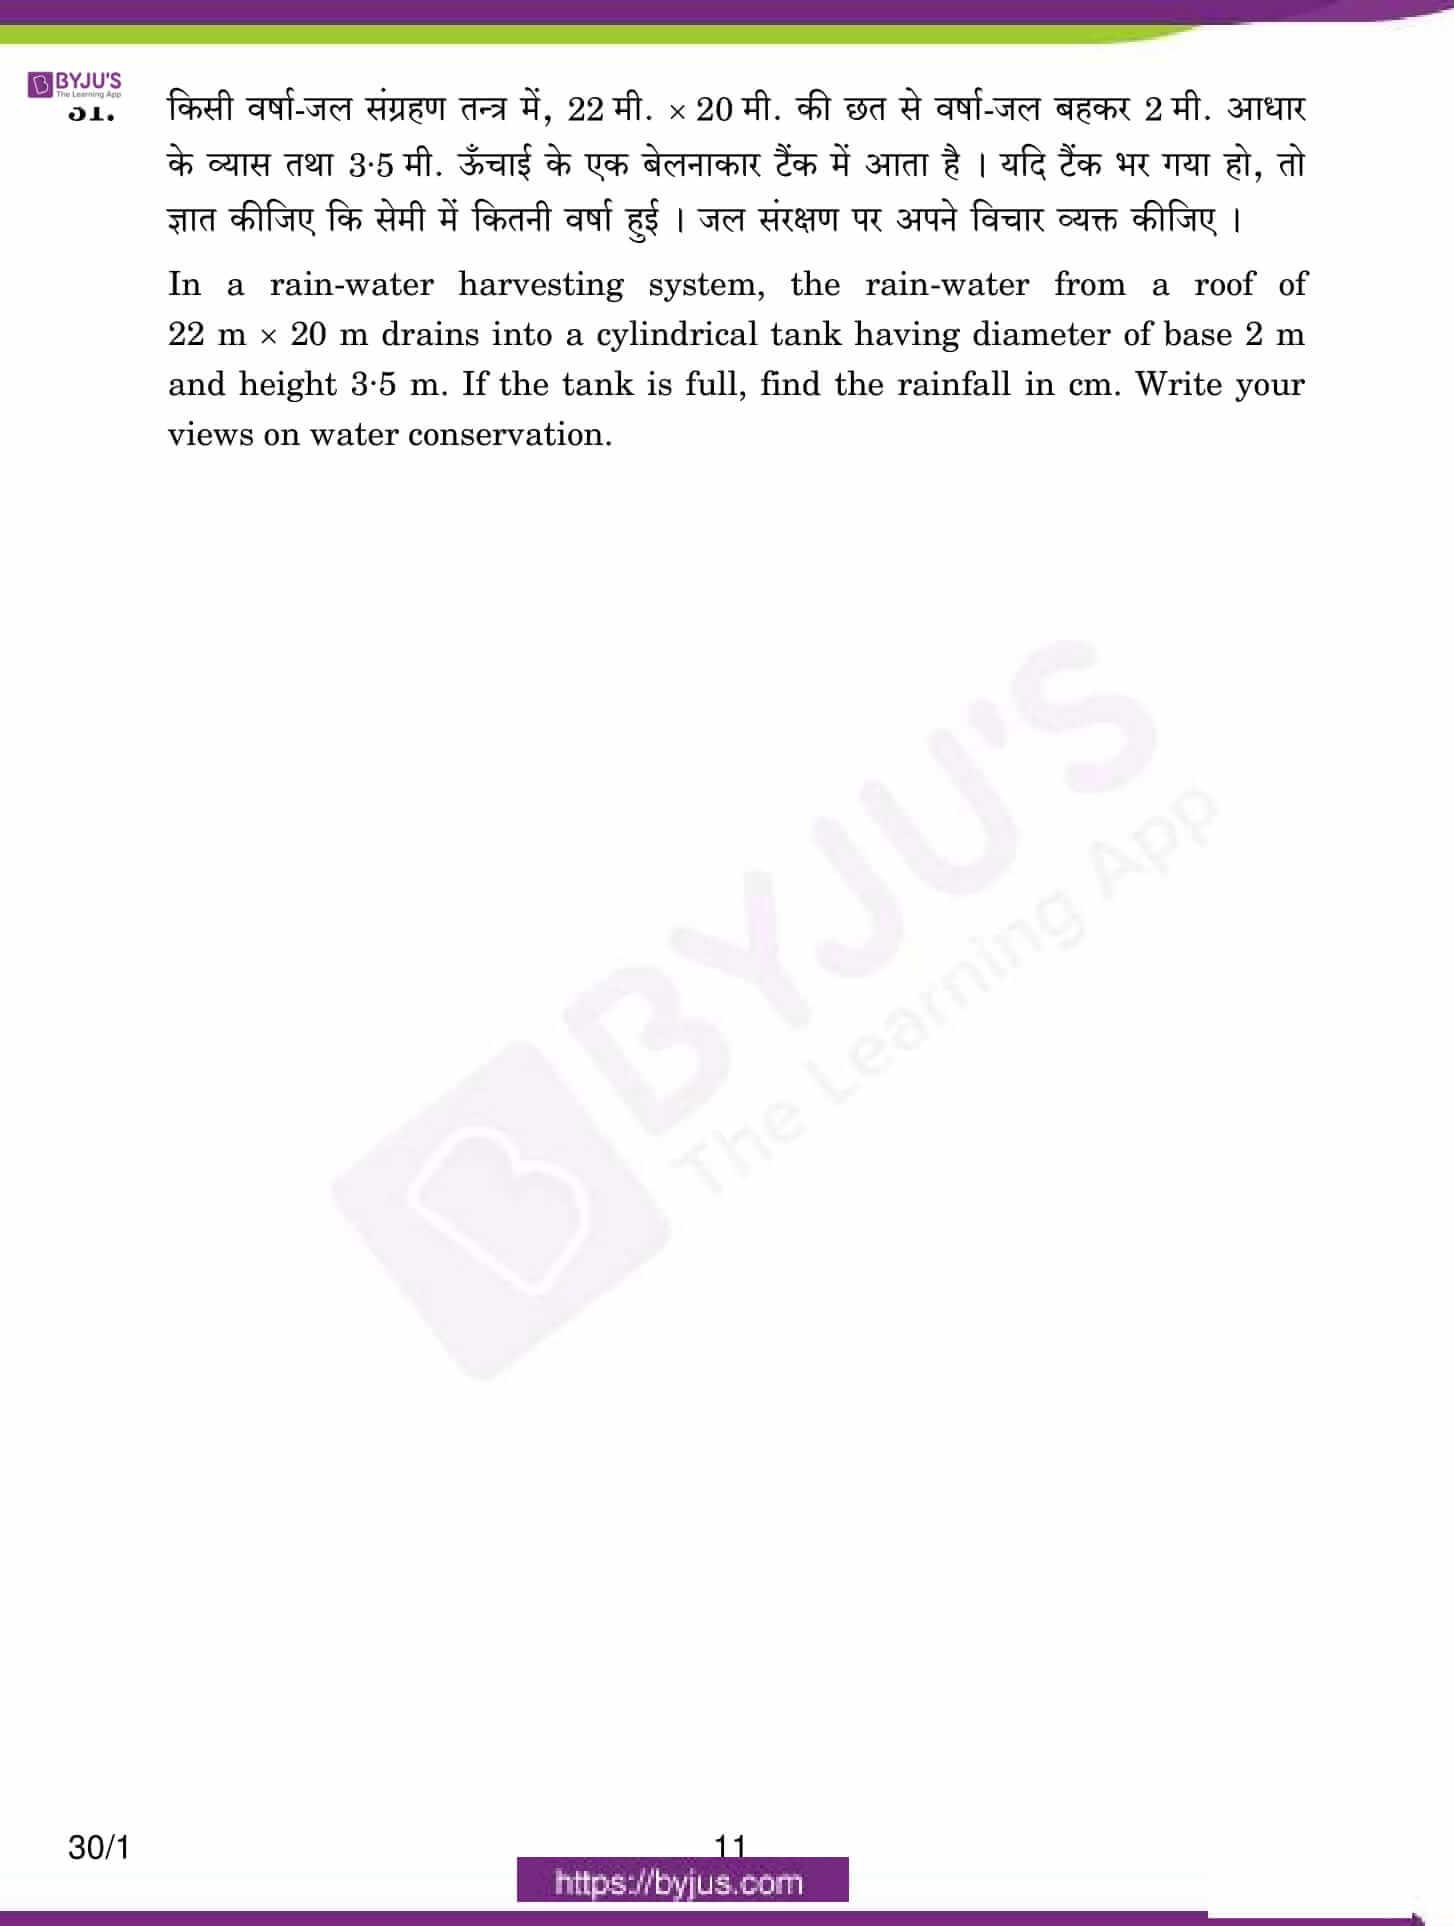 CBSE Class 10 Maths Qs Paper 2017 SA 2 Set 1 11